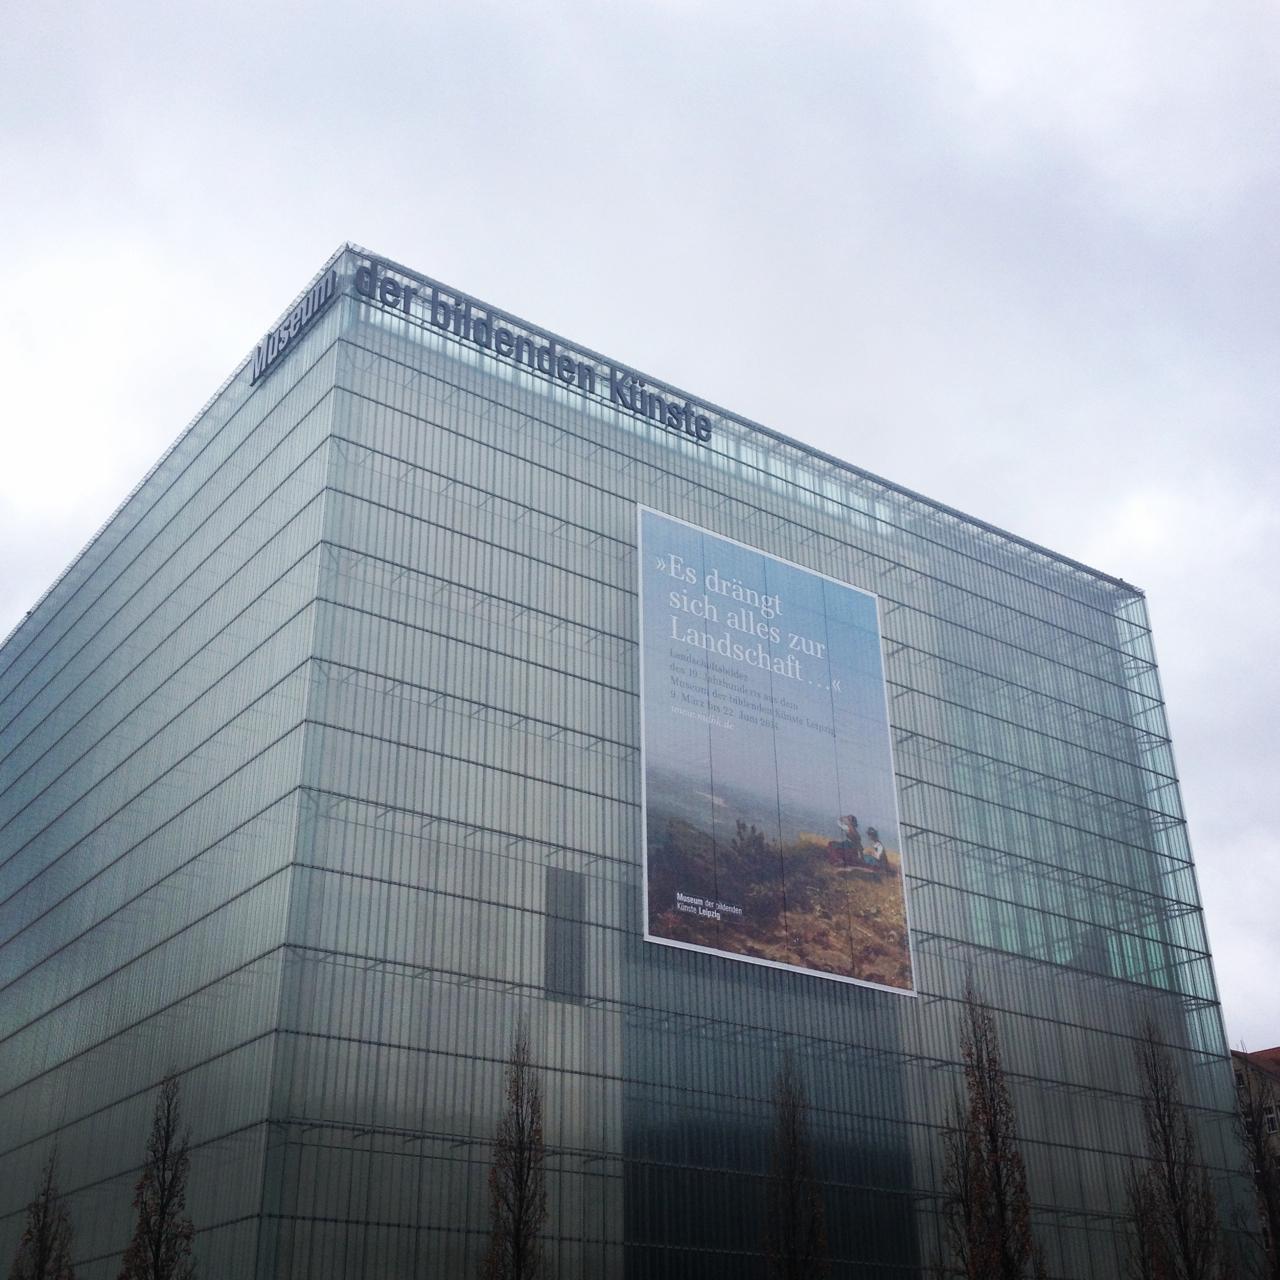 LeipzigKunst